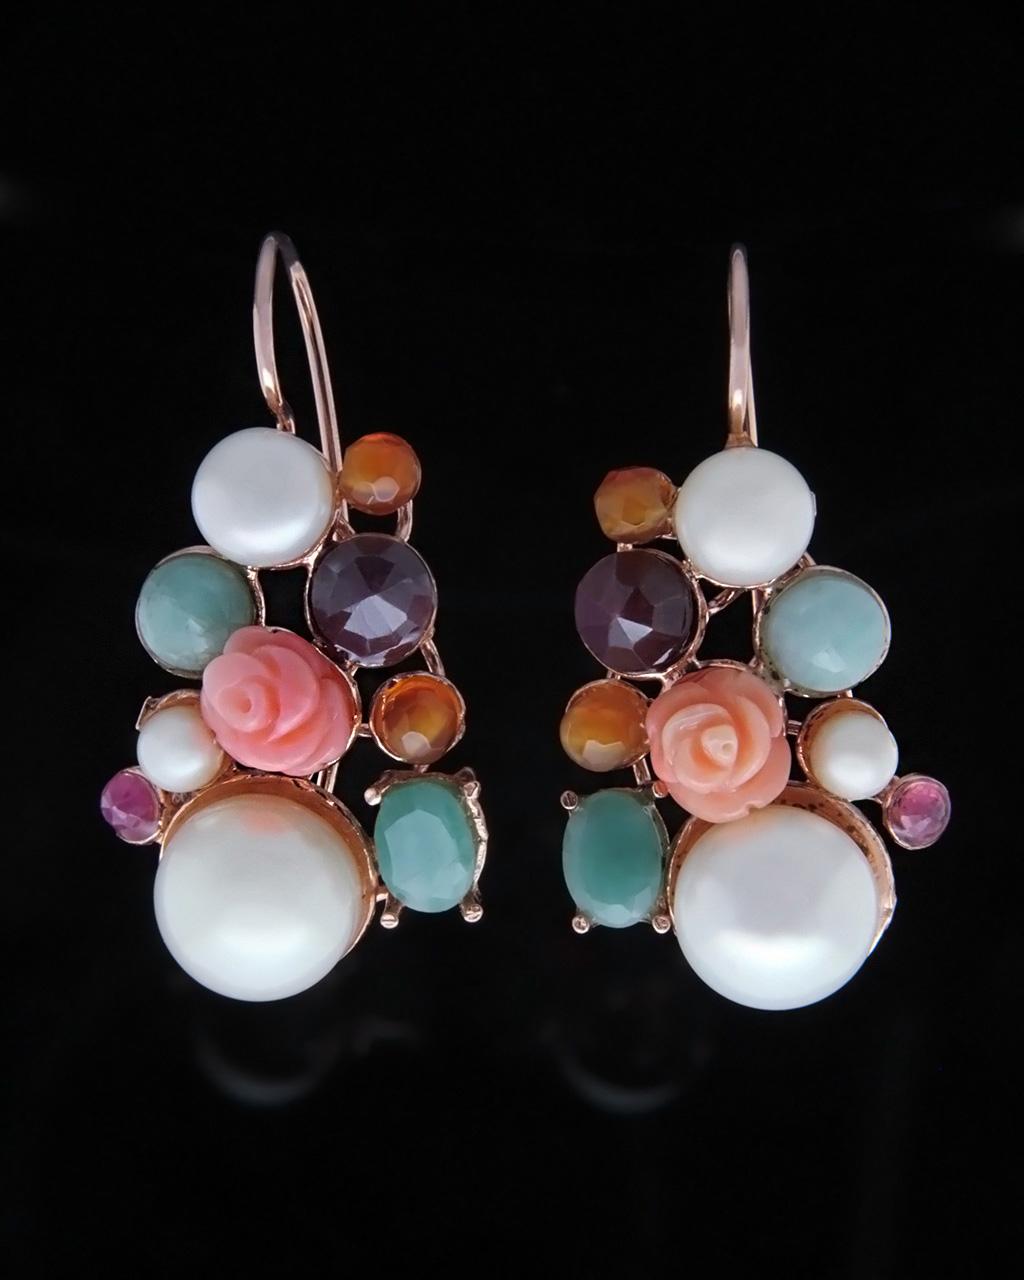 Κρεμαστά σκουλαρίκια με κλιπ Barocco   γυναικα σκουλαρίκια σκουλαρίκια ημιπολύτιμοι λίθοι